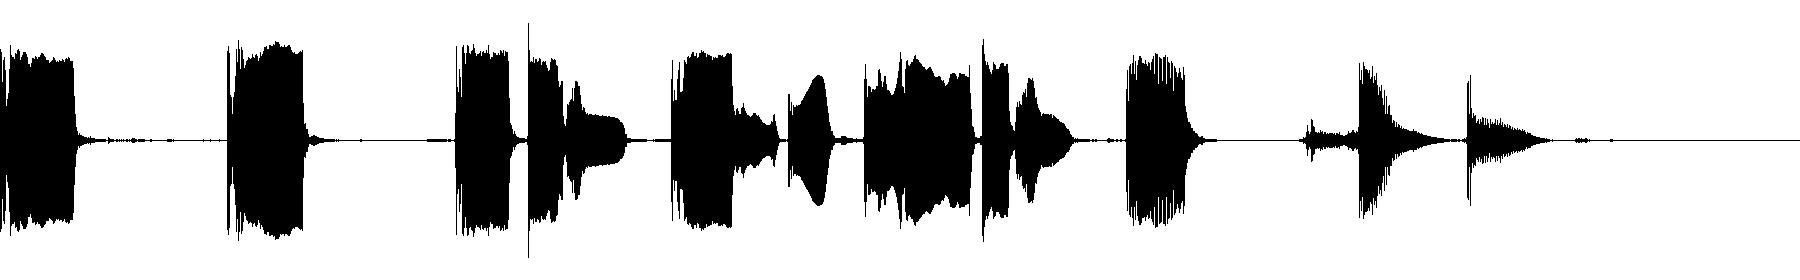 guitarfunk15 80